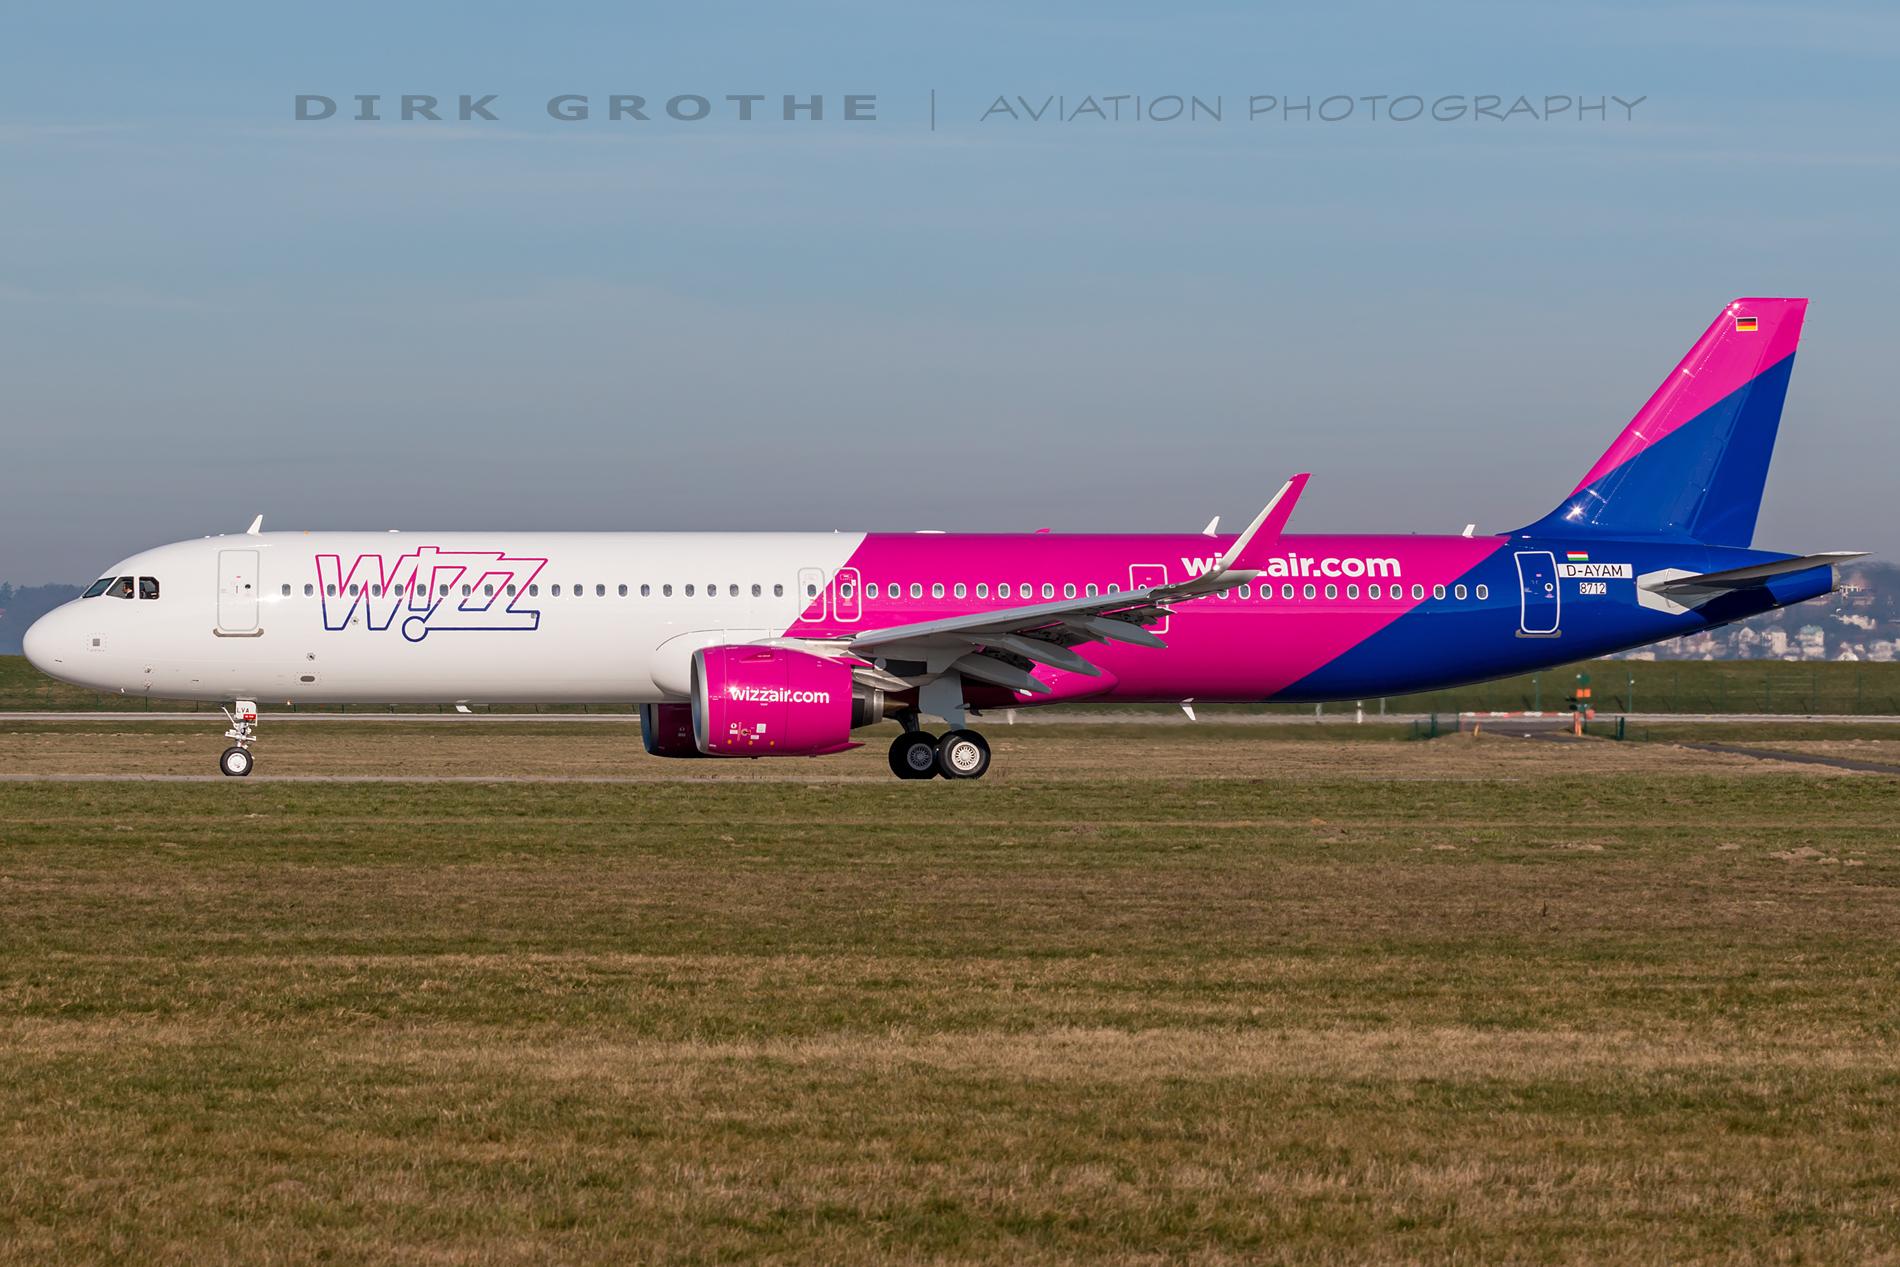 Wizz_A321neo_HA-LVA_20190225_XFW-1